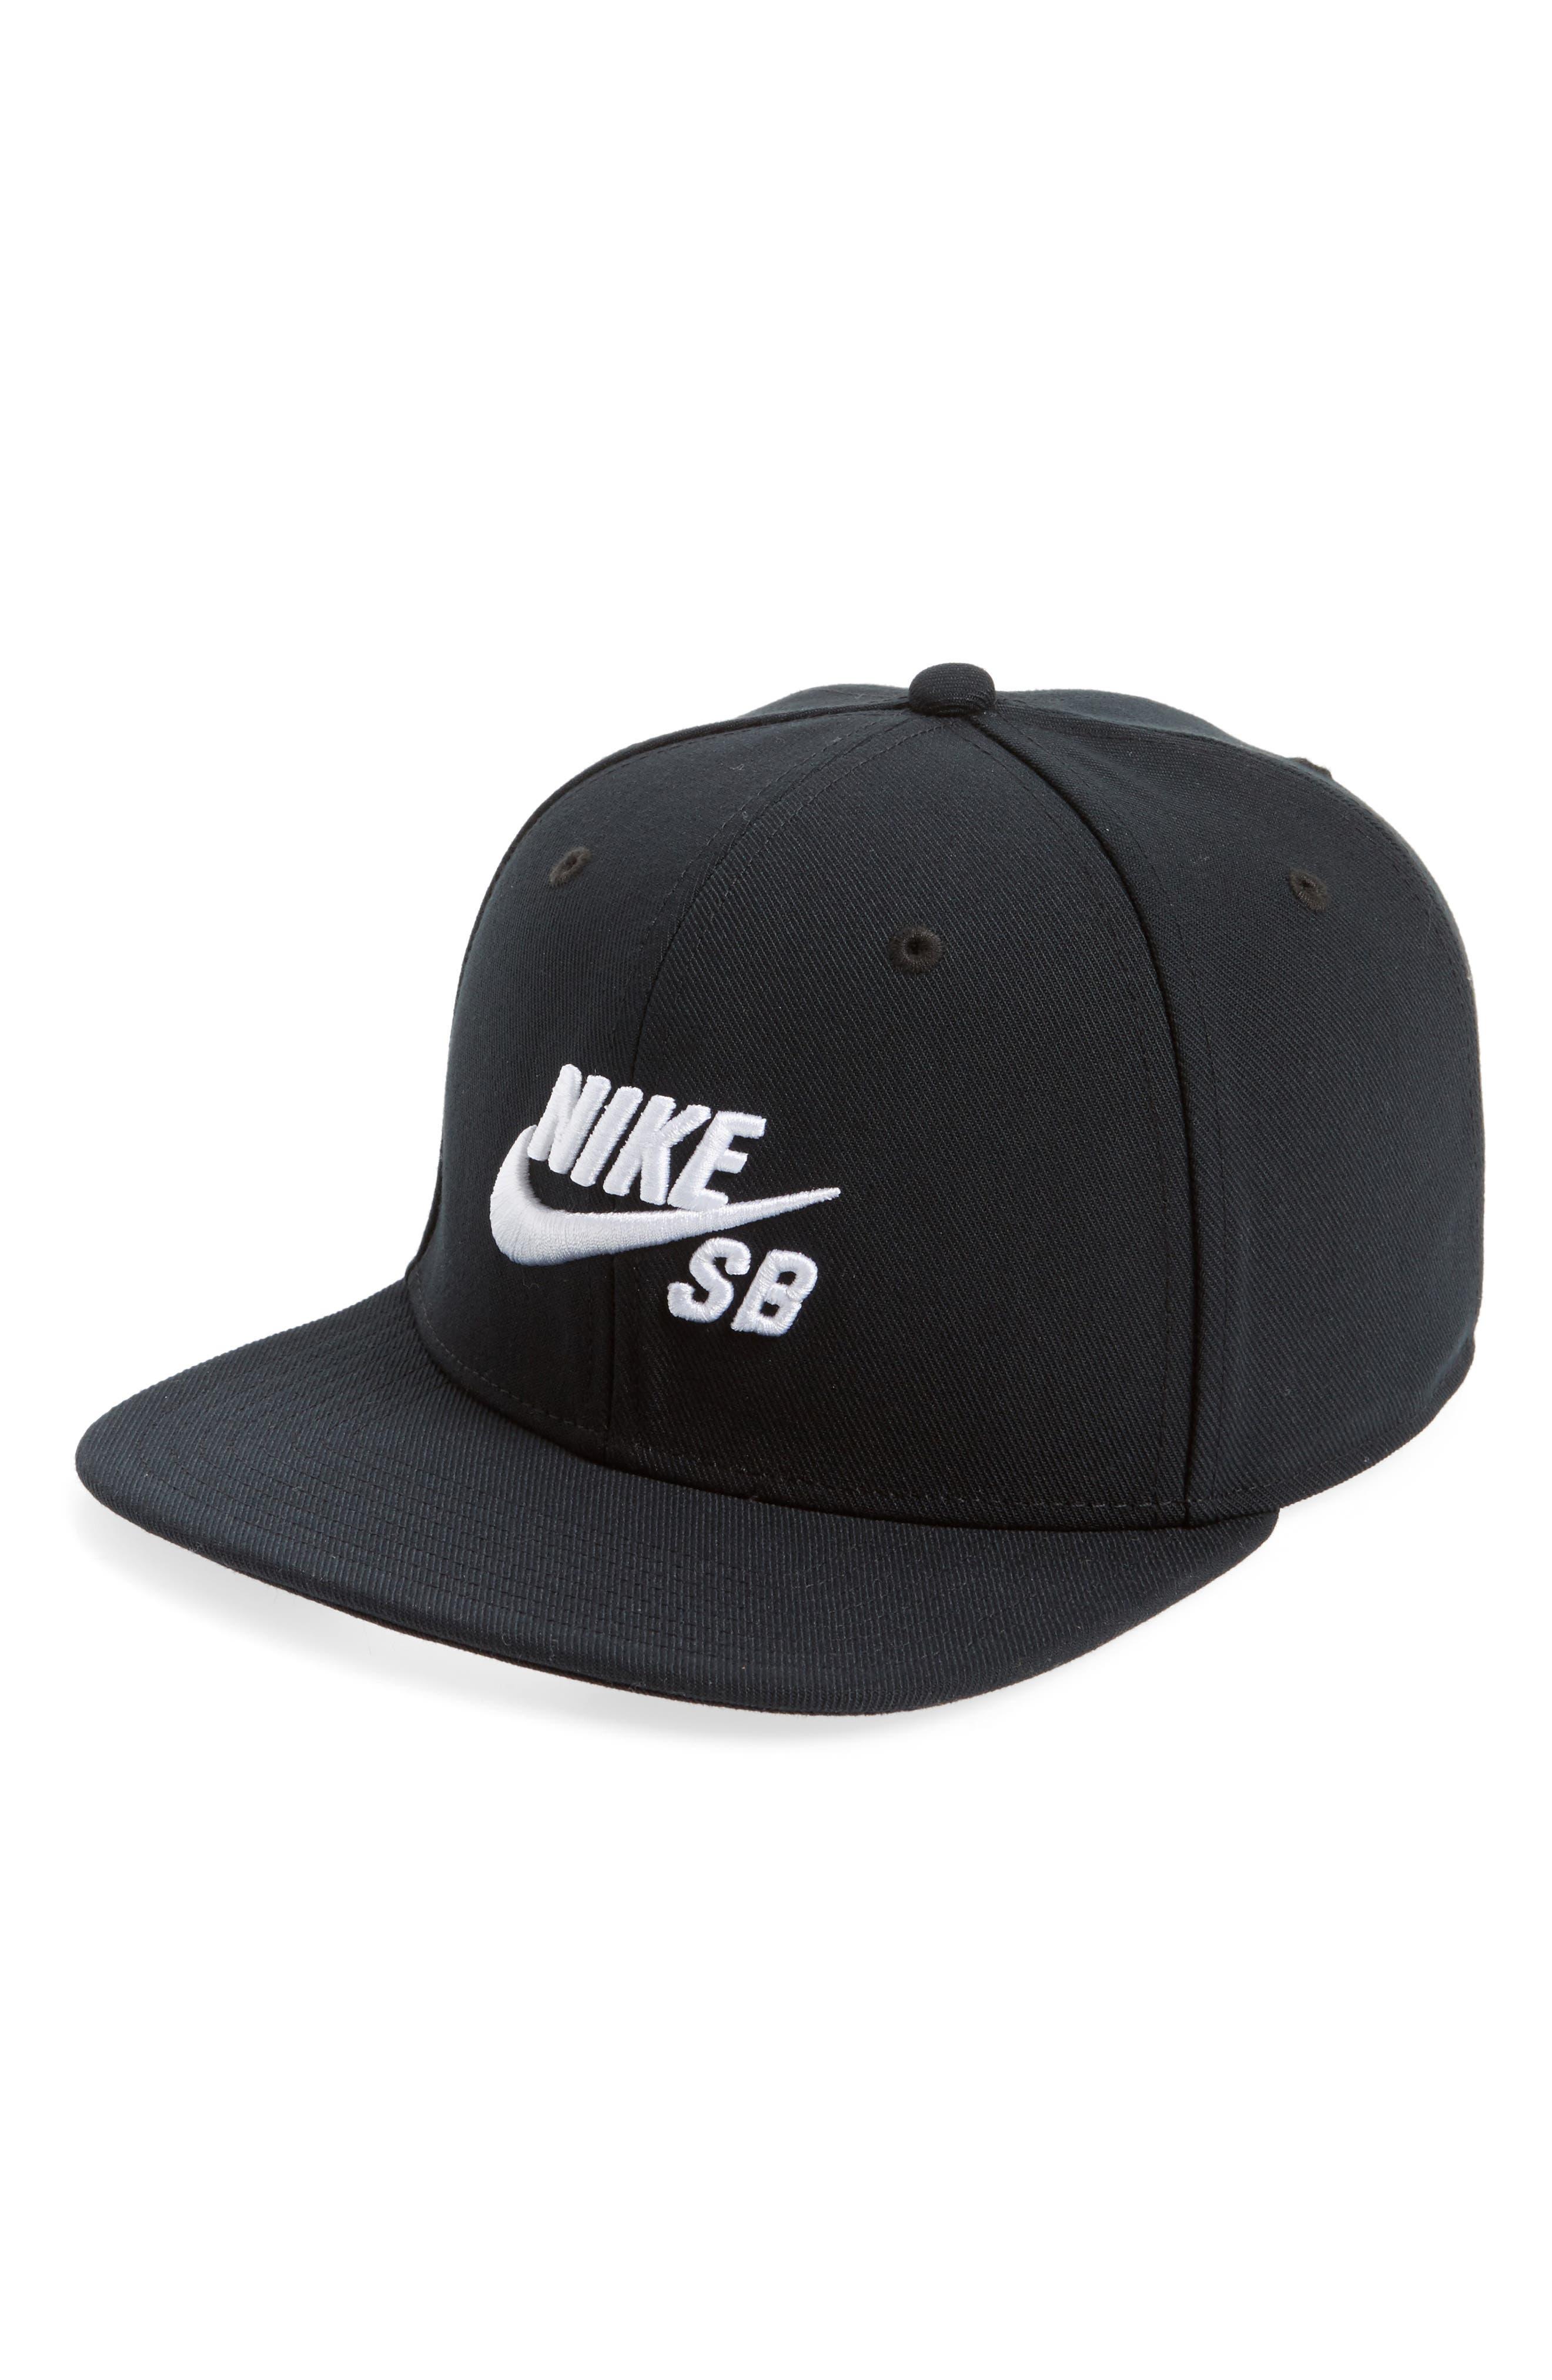 Nike Pro Snapback Baseball Cap,                             Main thumbnail 1, color,                             Black/ Black/ Black/ White